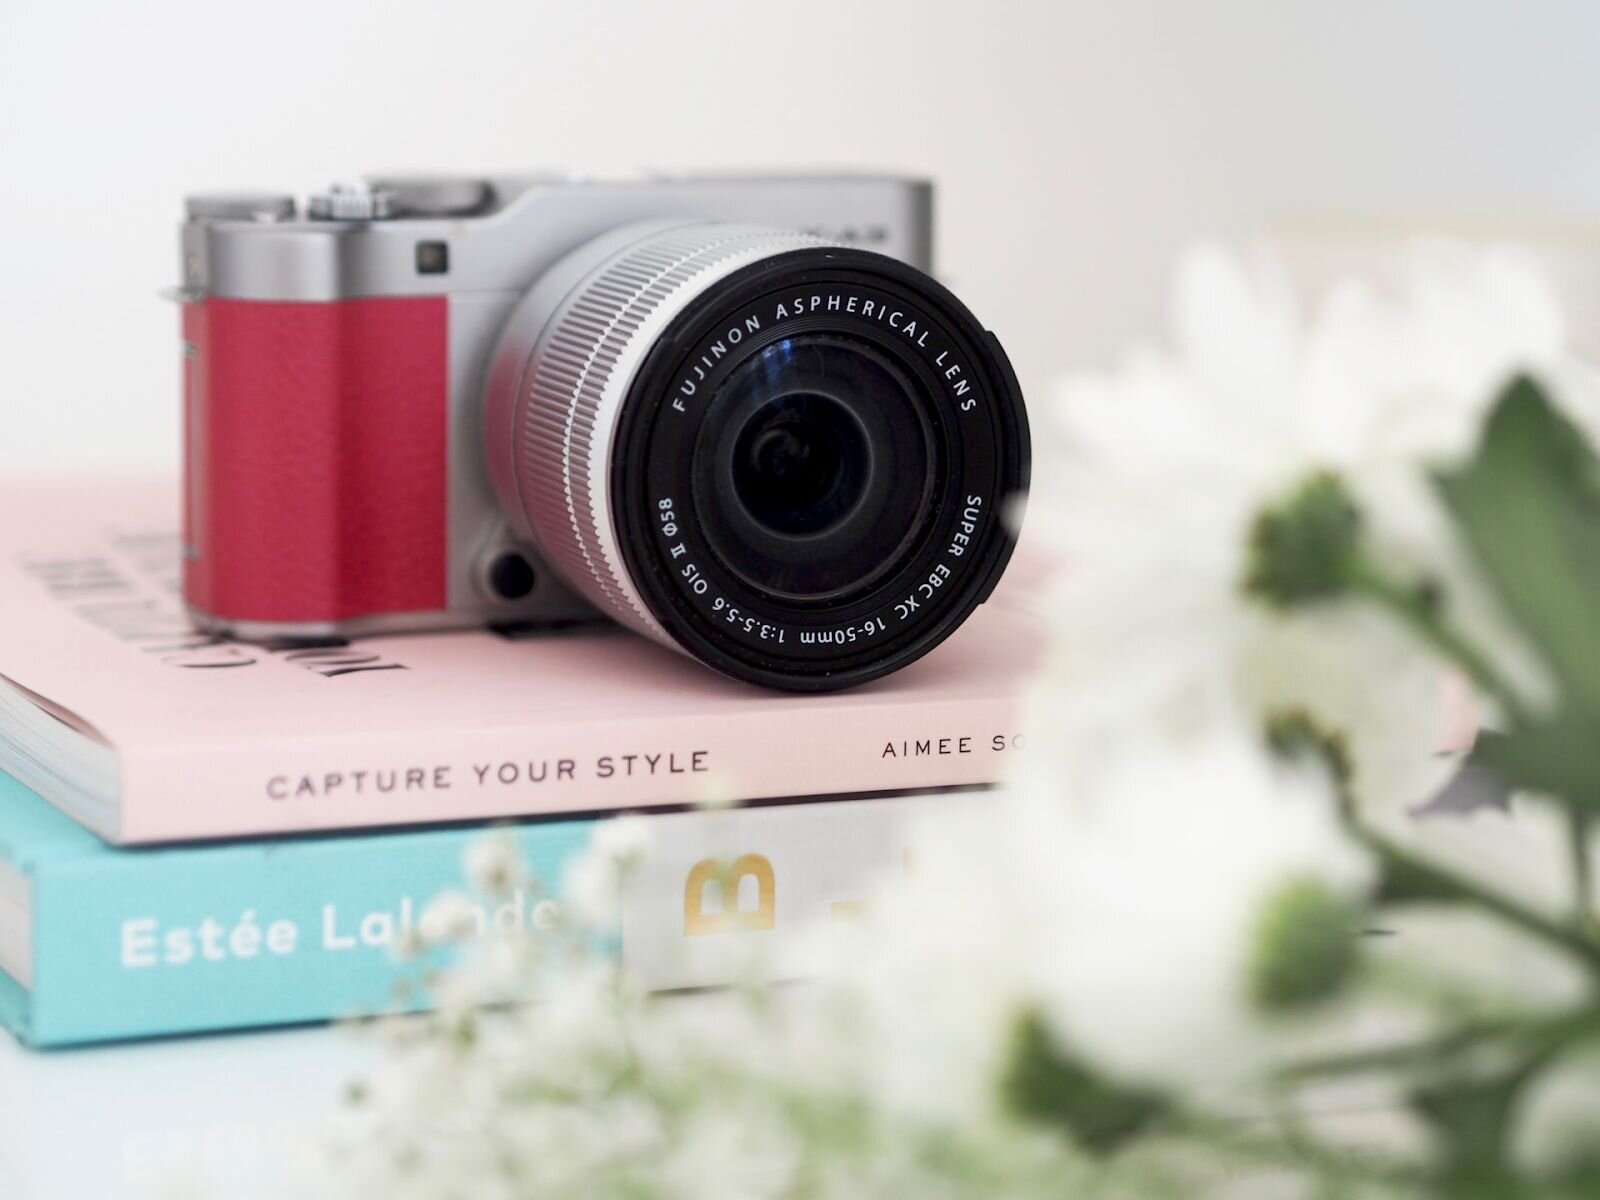 Fujifilm X-A3 màu hồng tươi tắn rất phù hợp với các bạn nữ